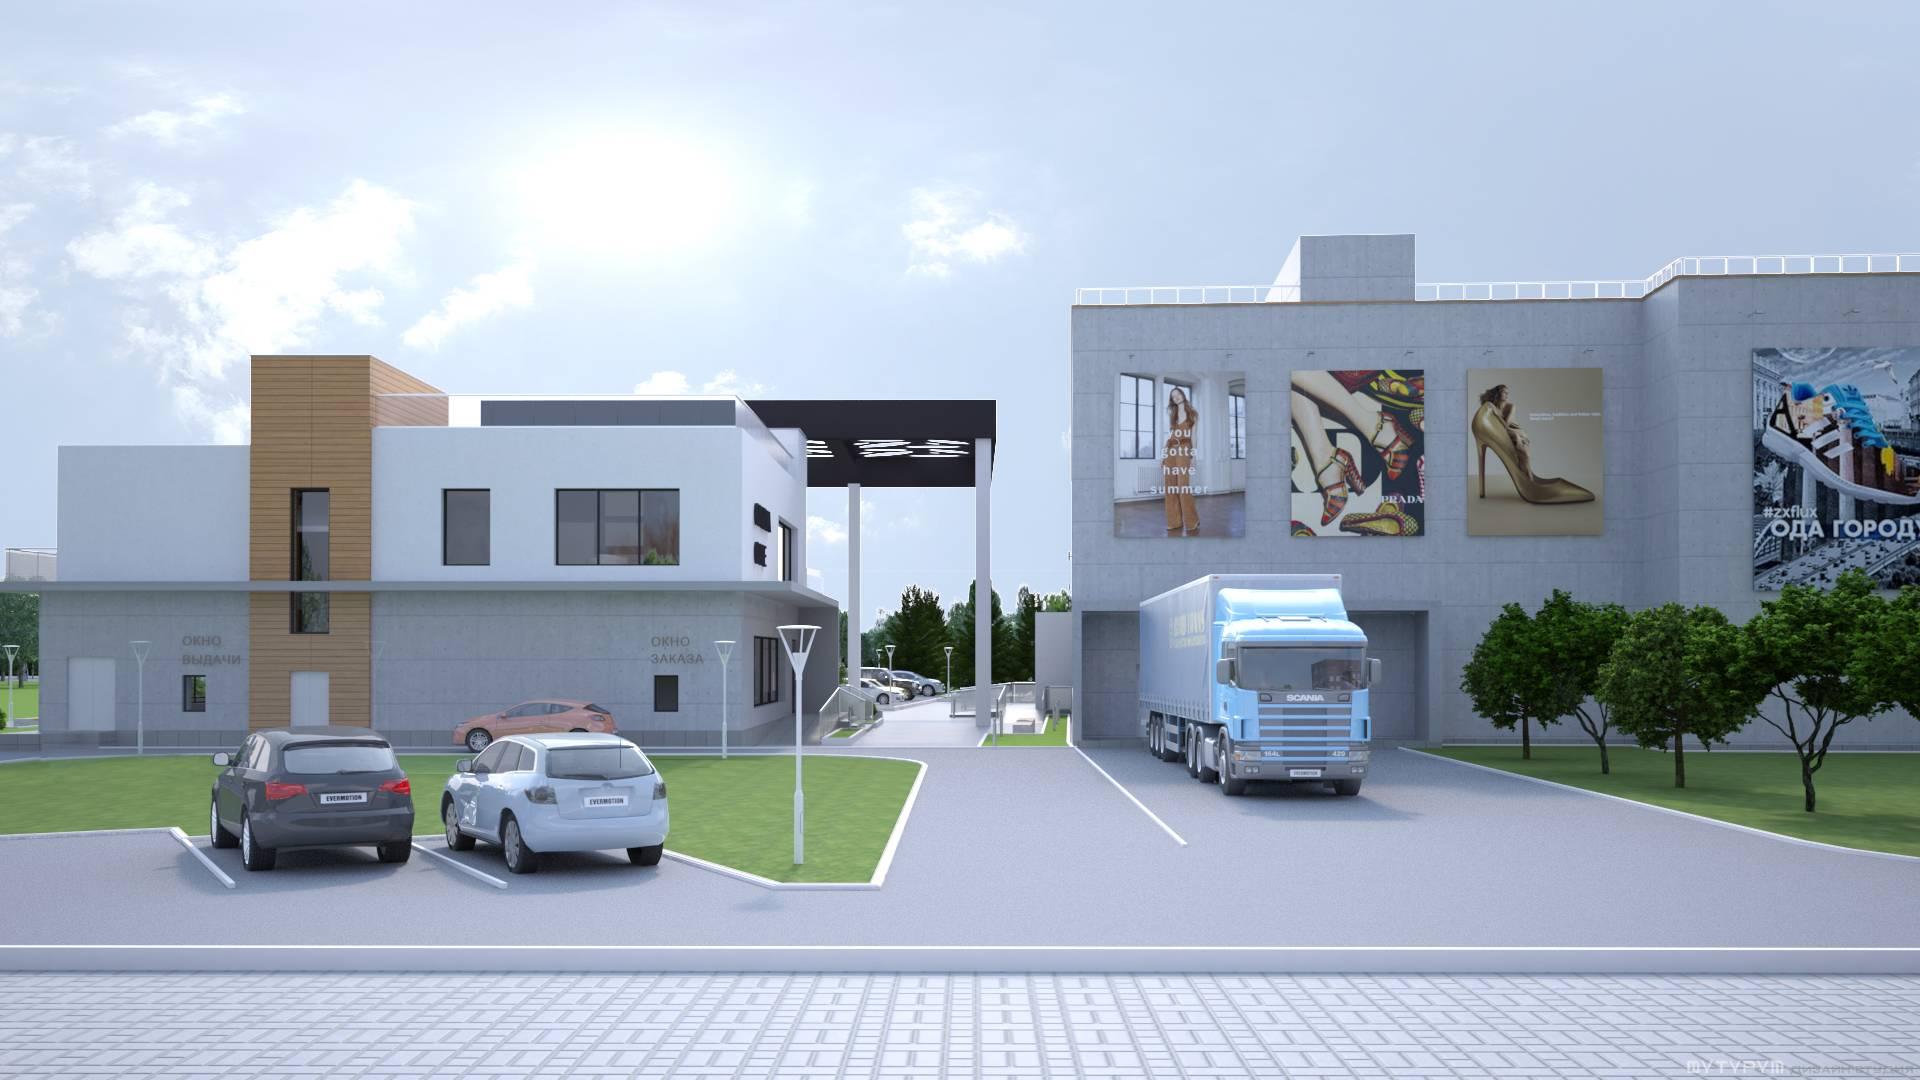 Здание и территория торгово-развлекательного центра г. Нижний Тагил